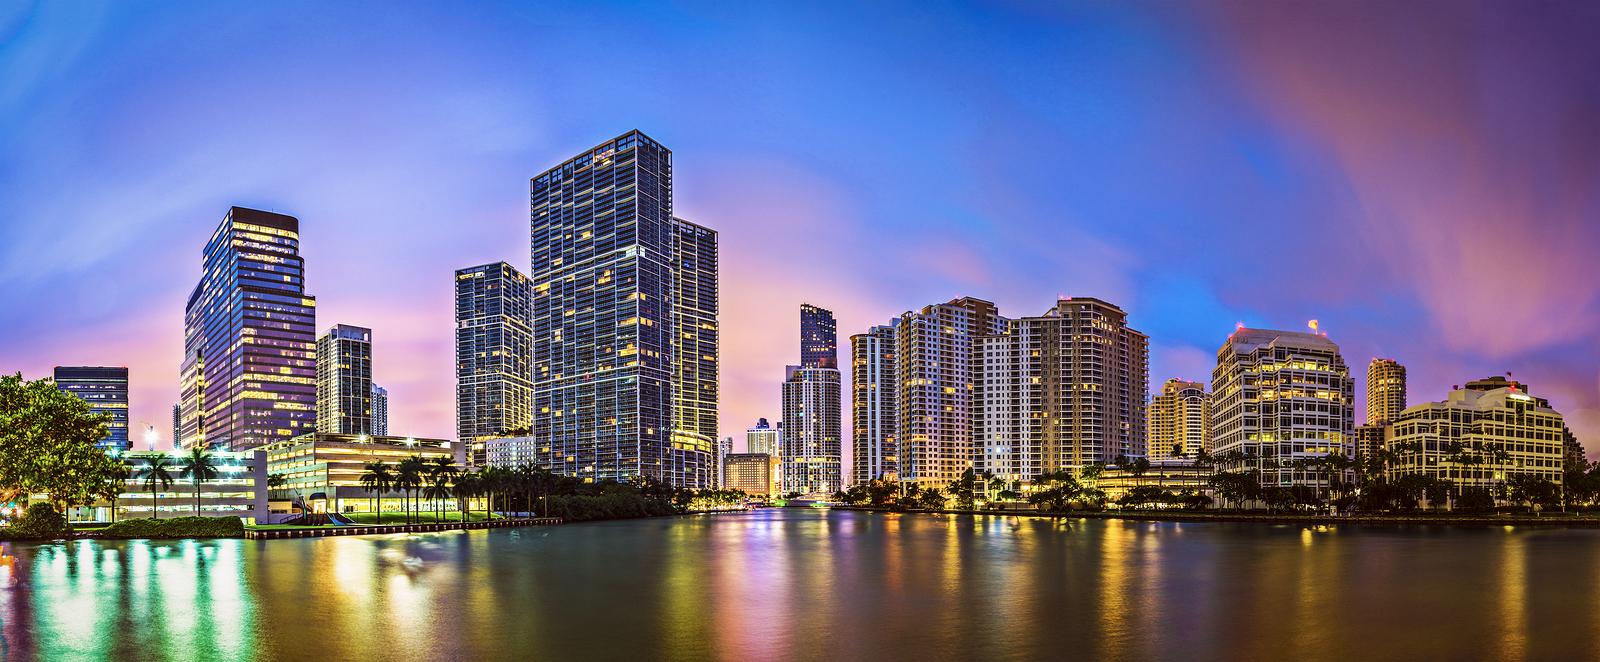 Top Ten Luxury Condo Sales In Miami 2014 Condo Com Blog